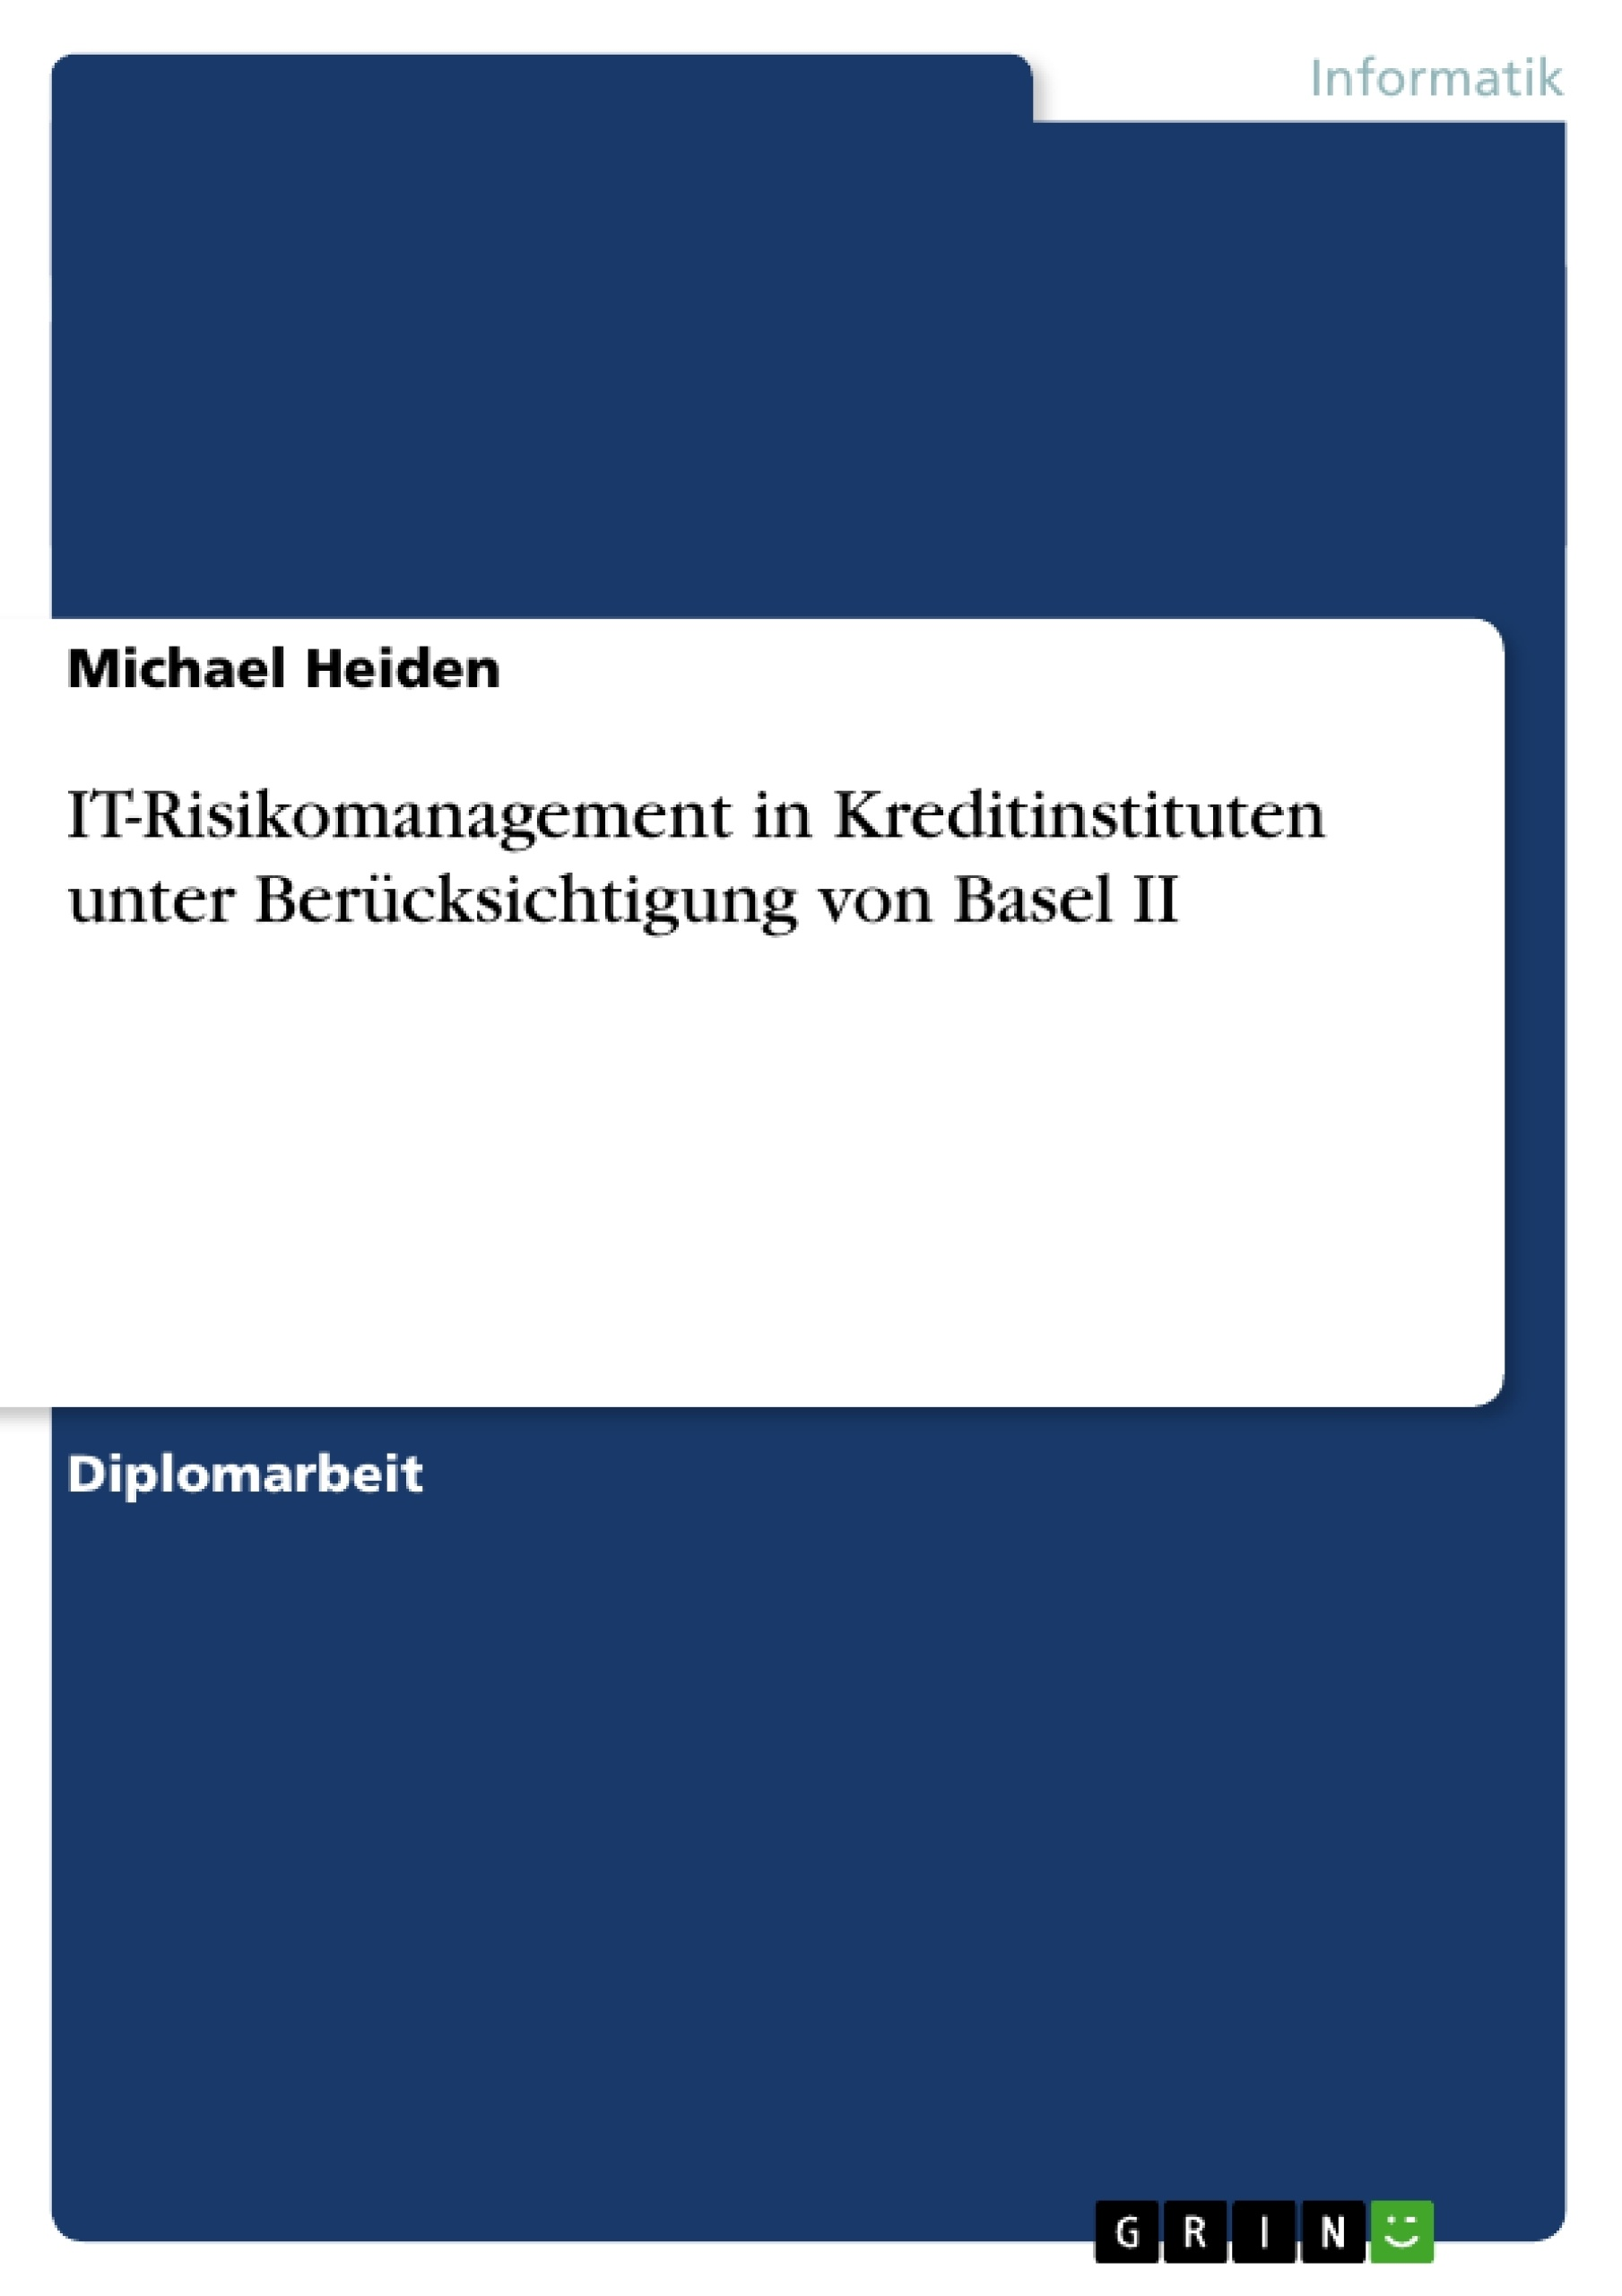 Titel: IT-Risikomanagement in Kreditinstituten unter Berücksichtigung von Basel II